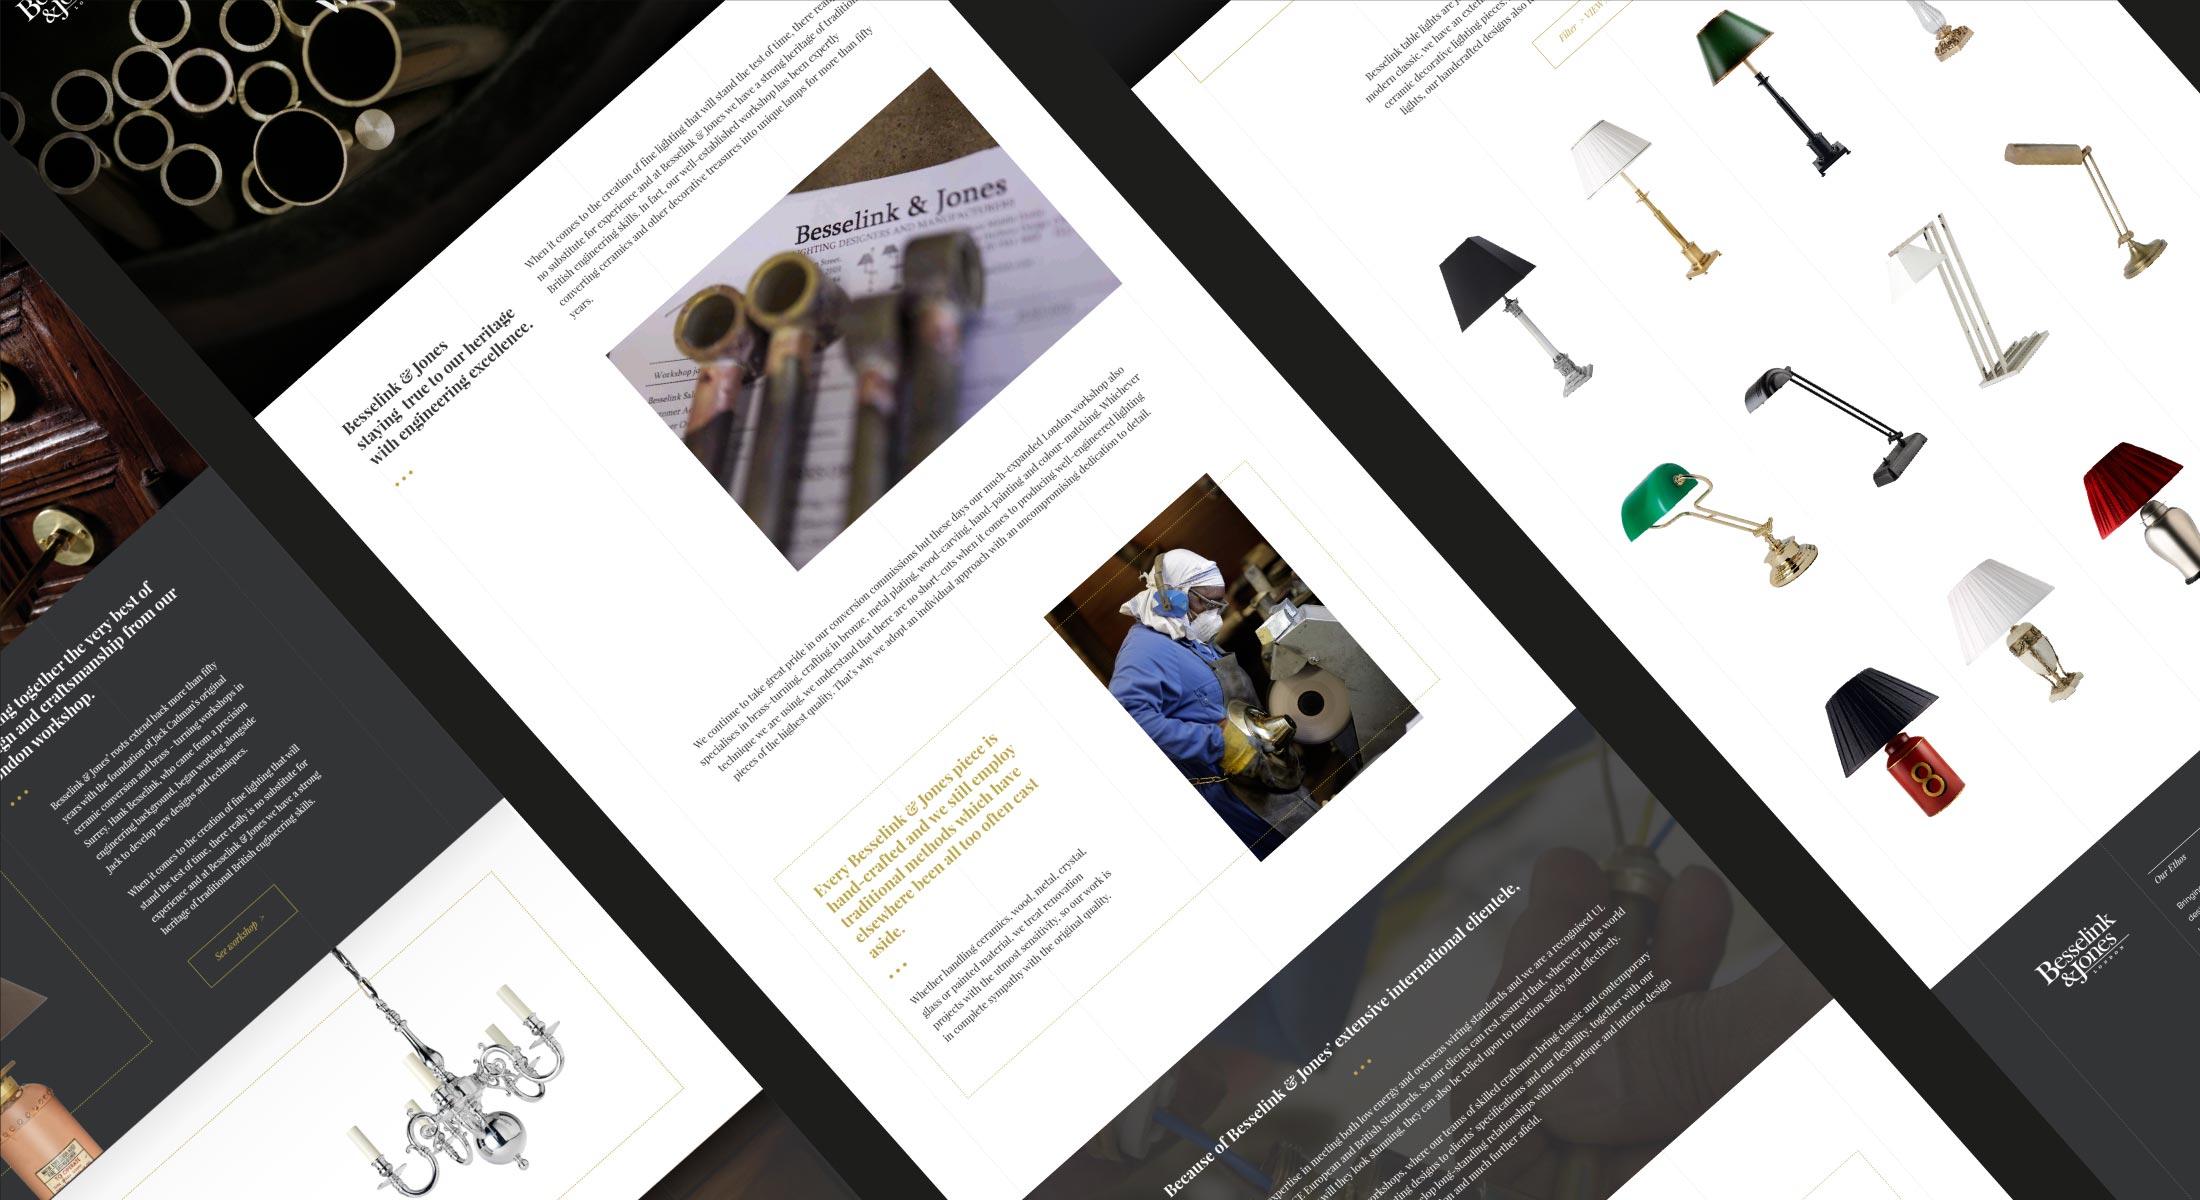 Besselink and Jones website designs